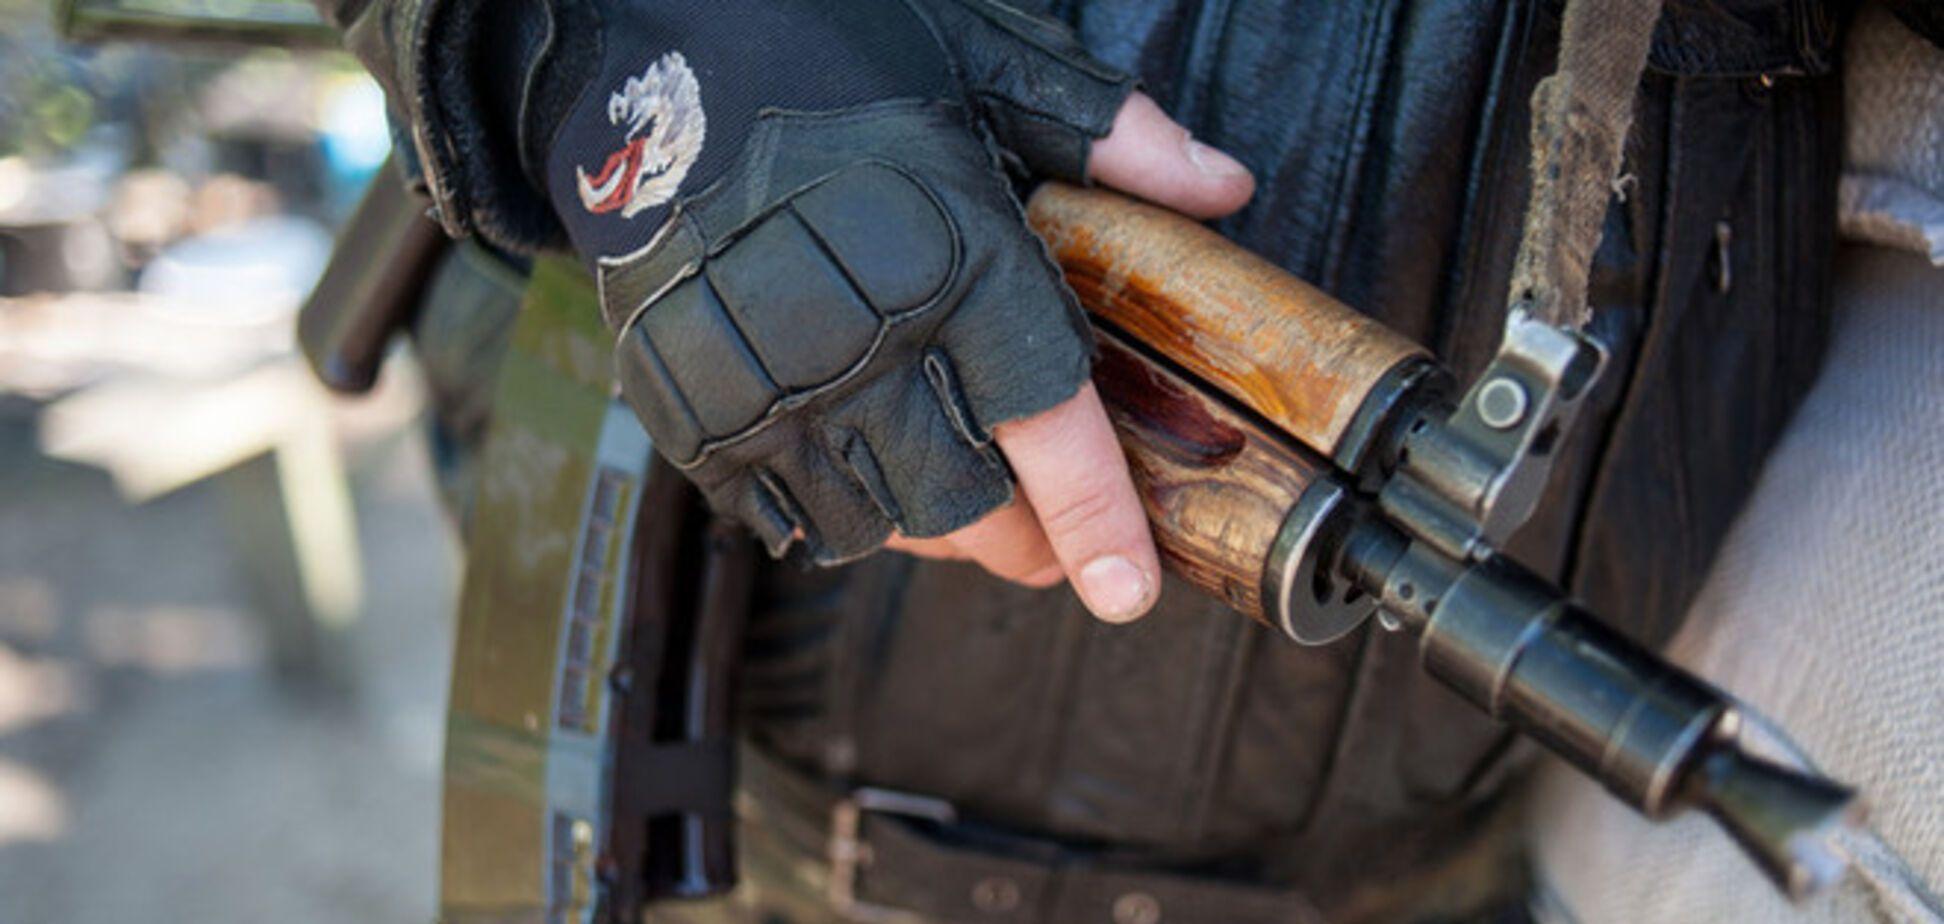 Среди погибших на Донбассе террористов есть арабы